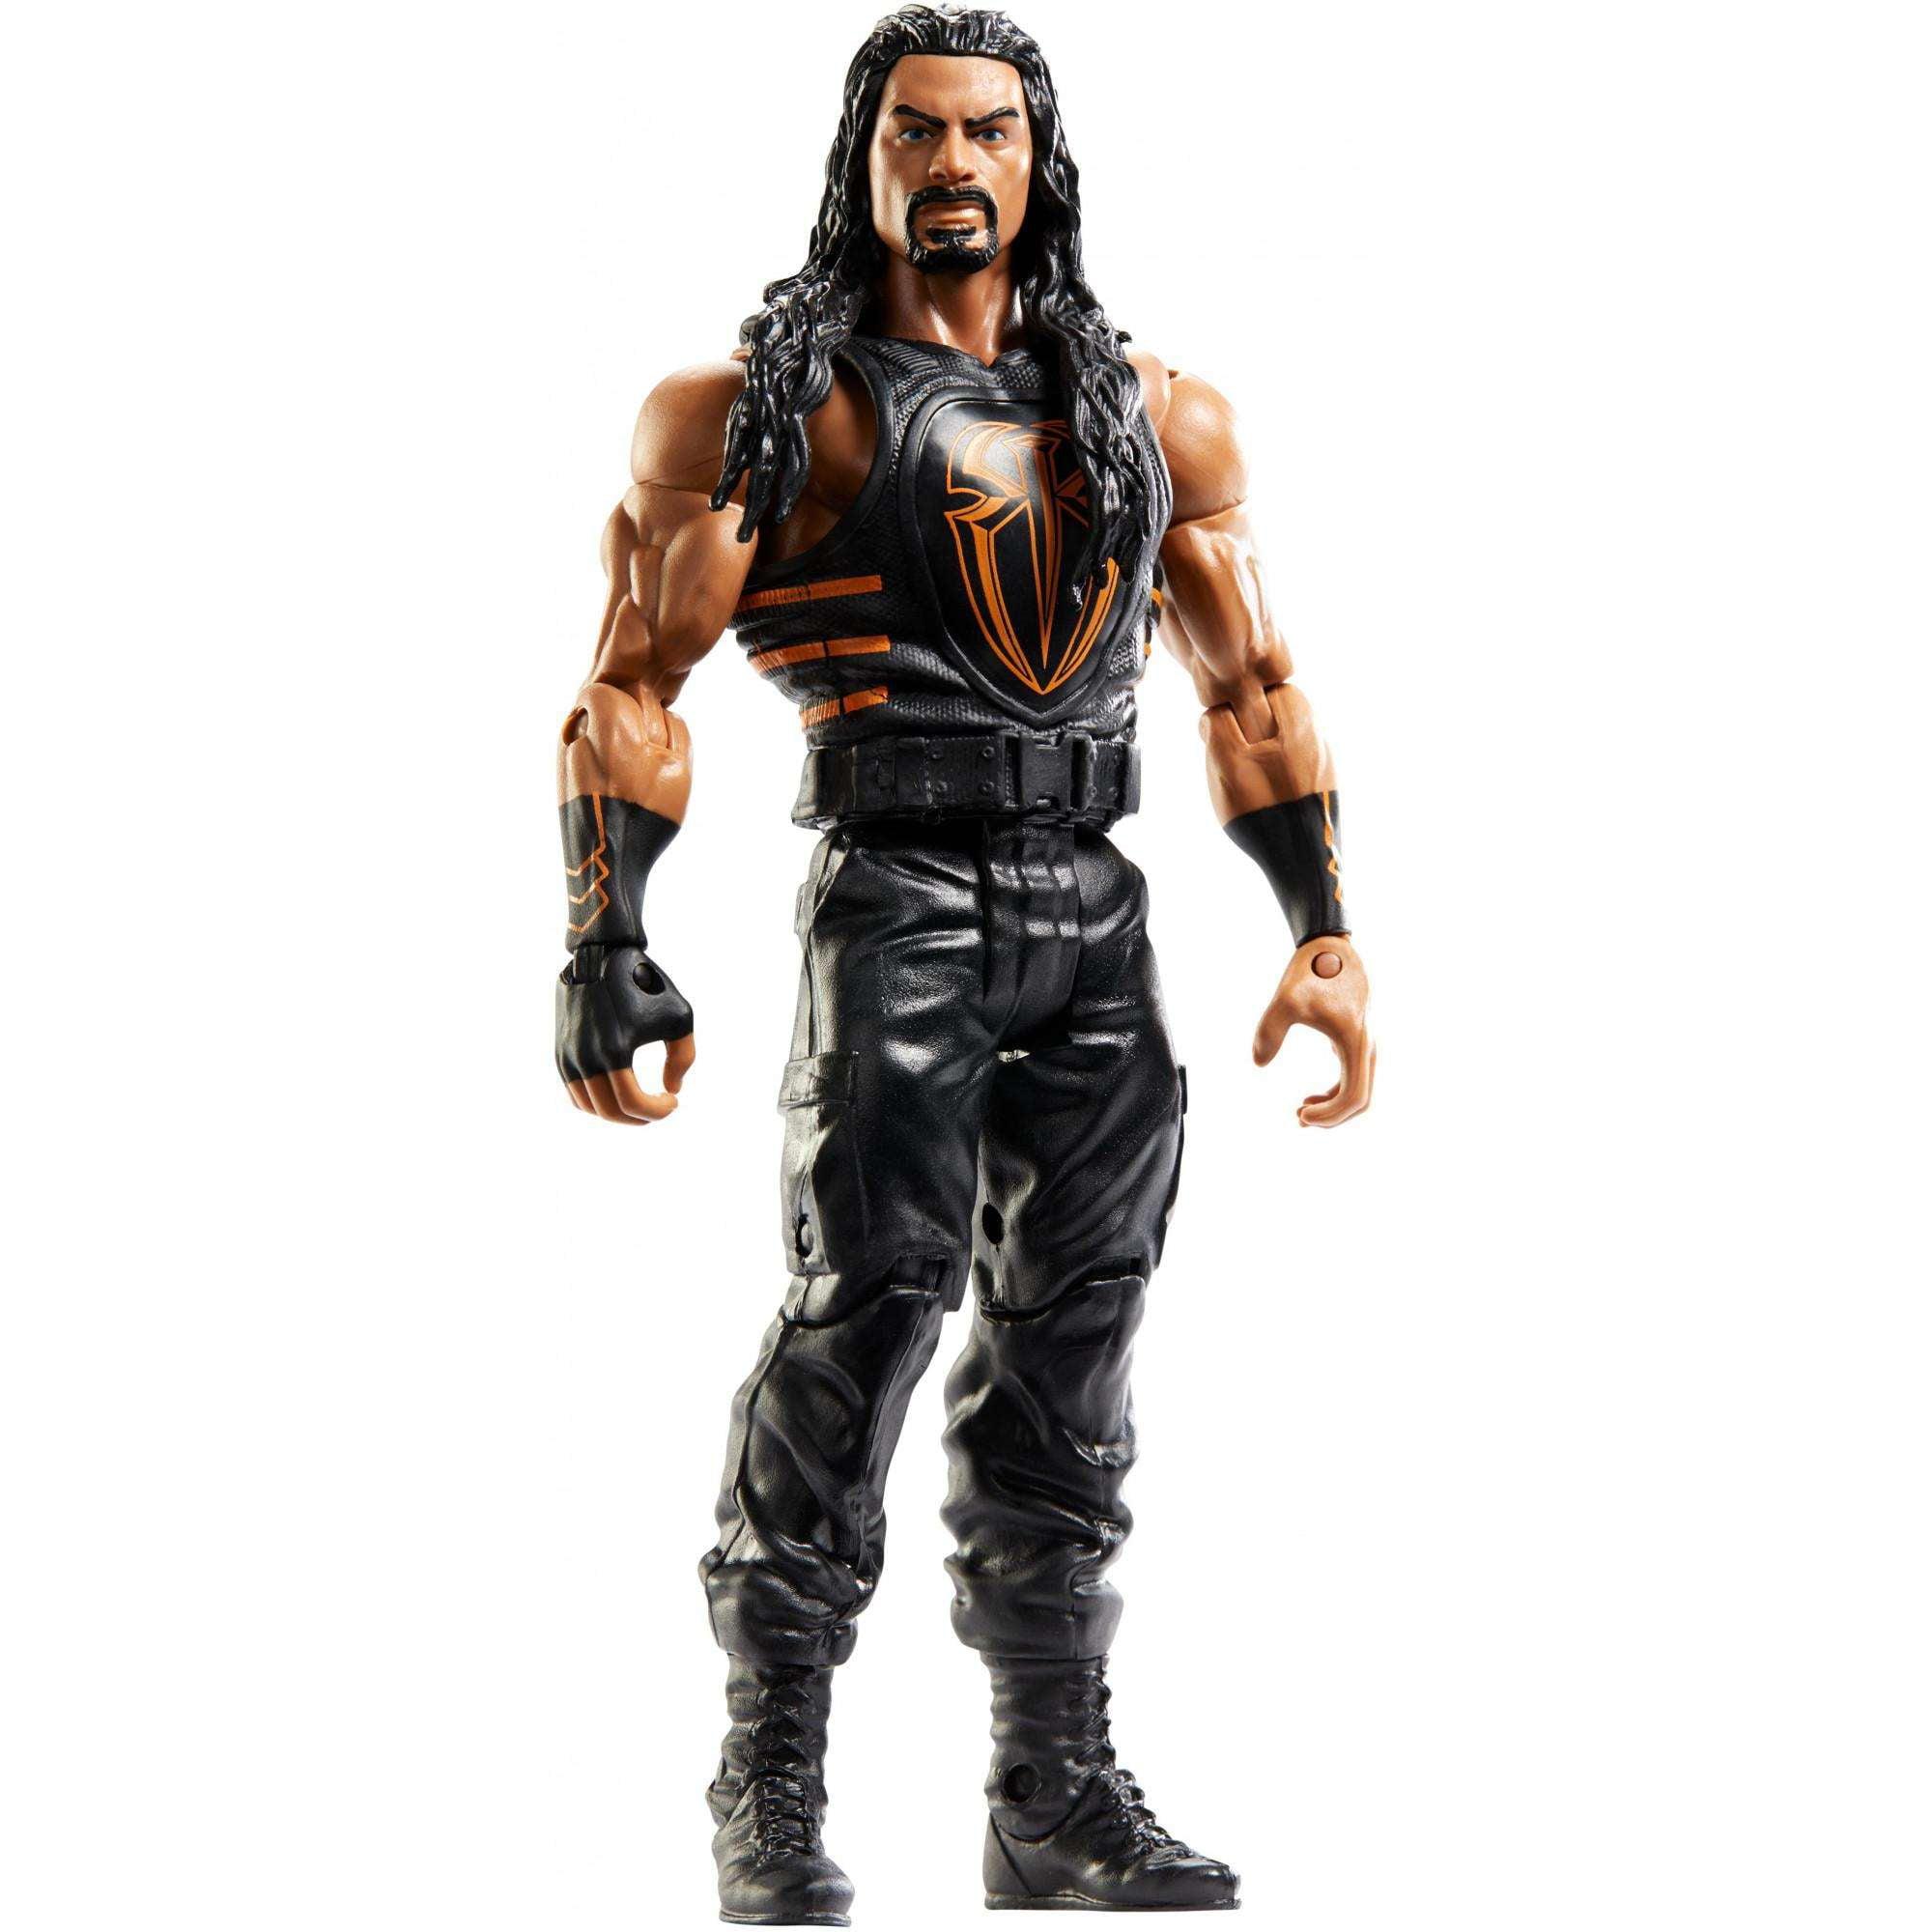 WWE Roman Reigns Figure by Mattel